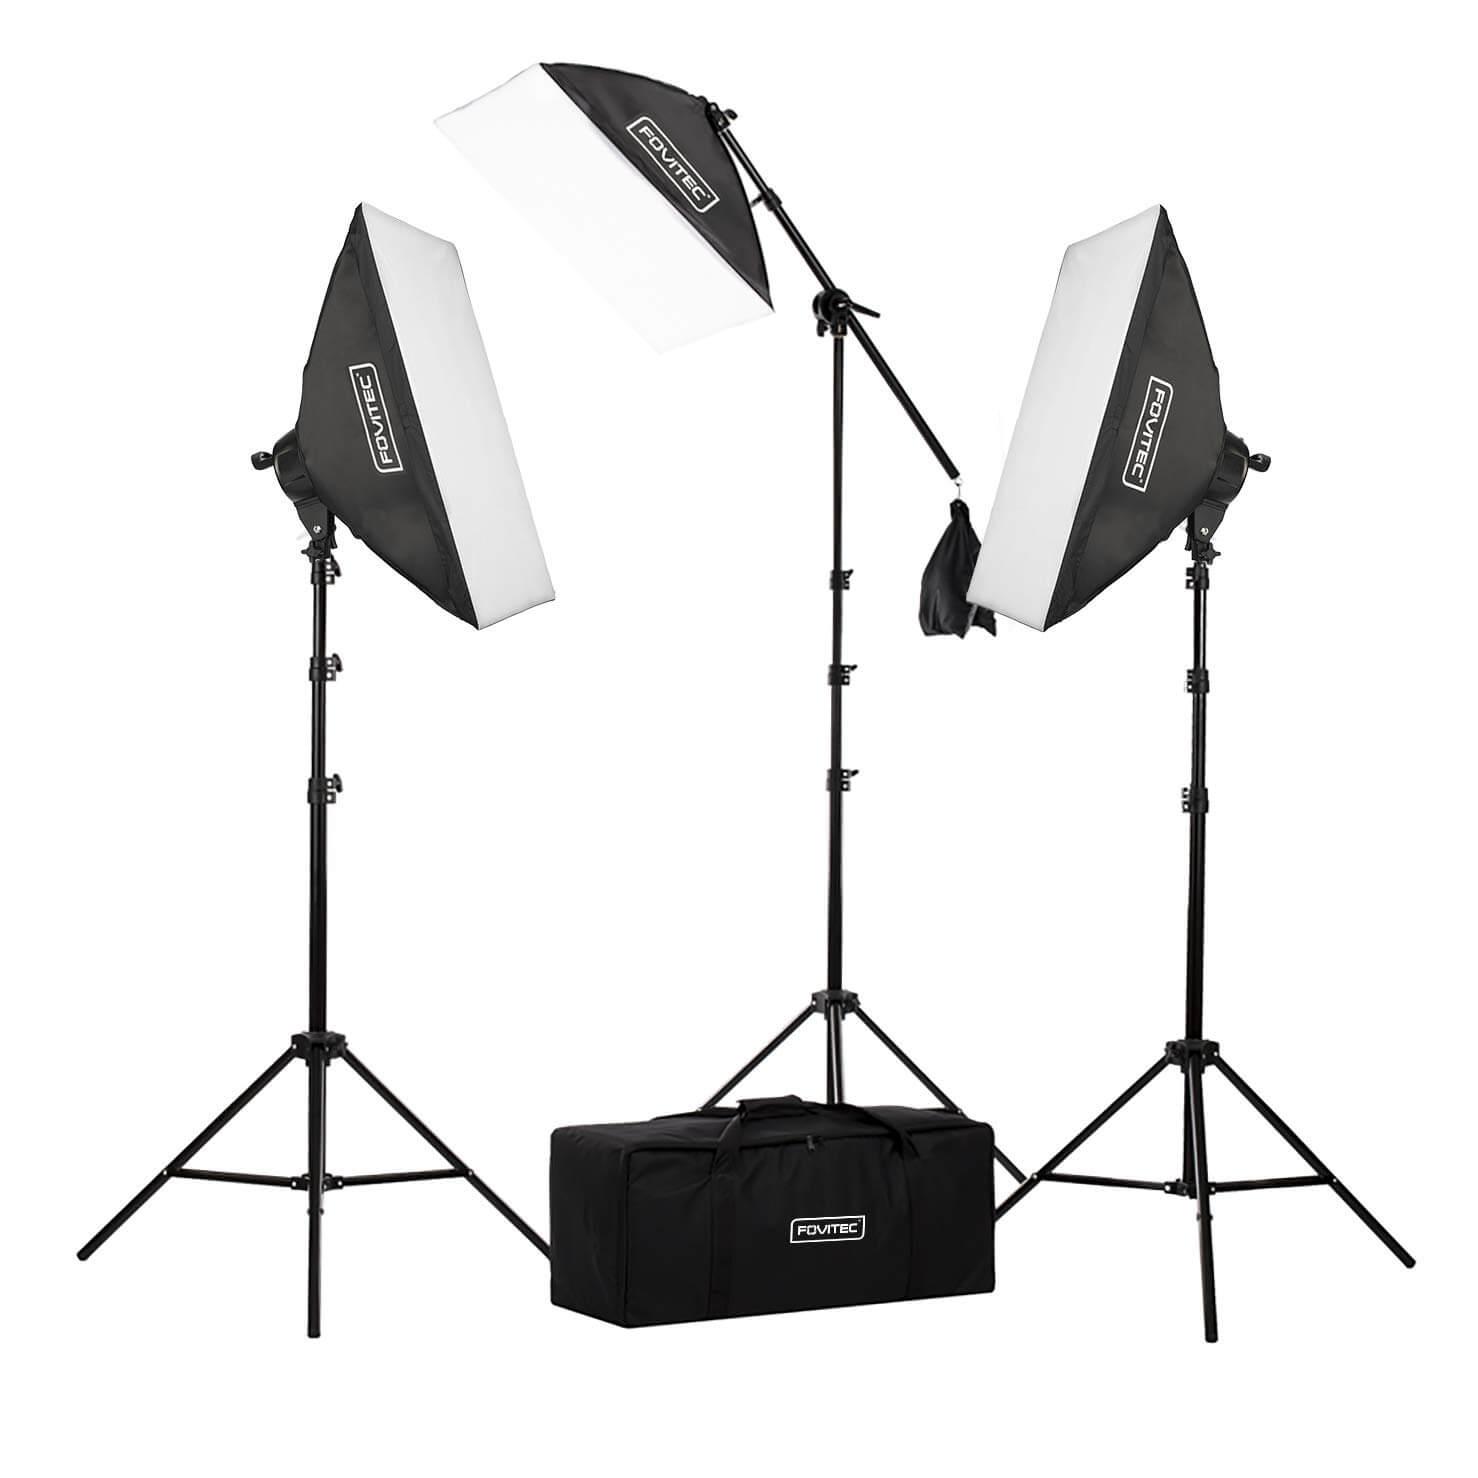 Fovitec Studio Pro 2500 Watt